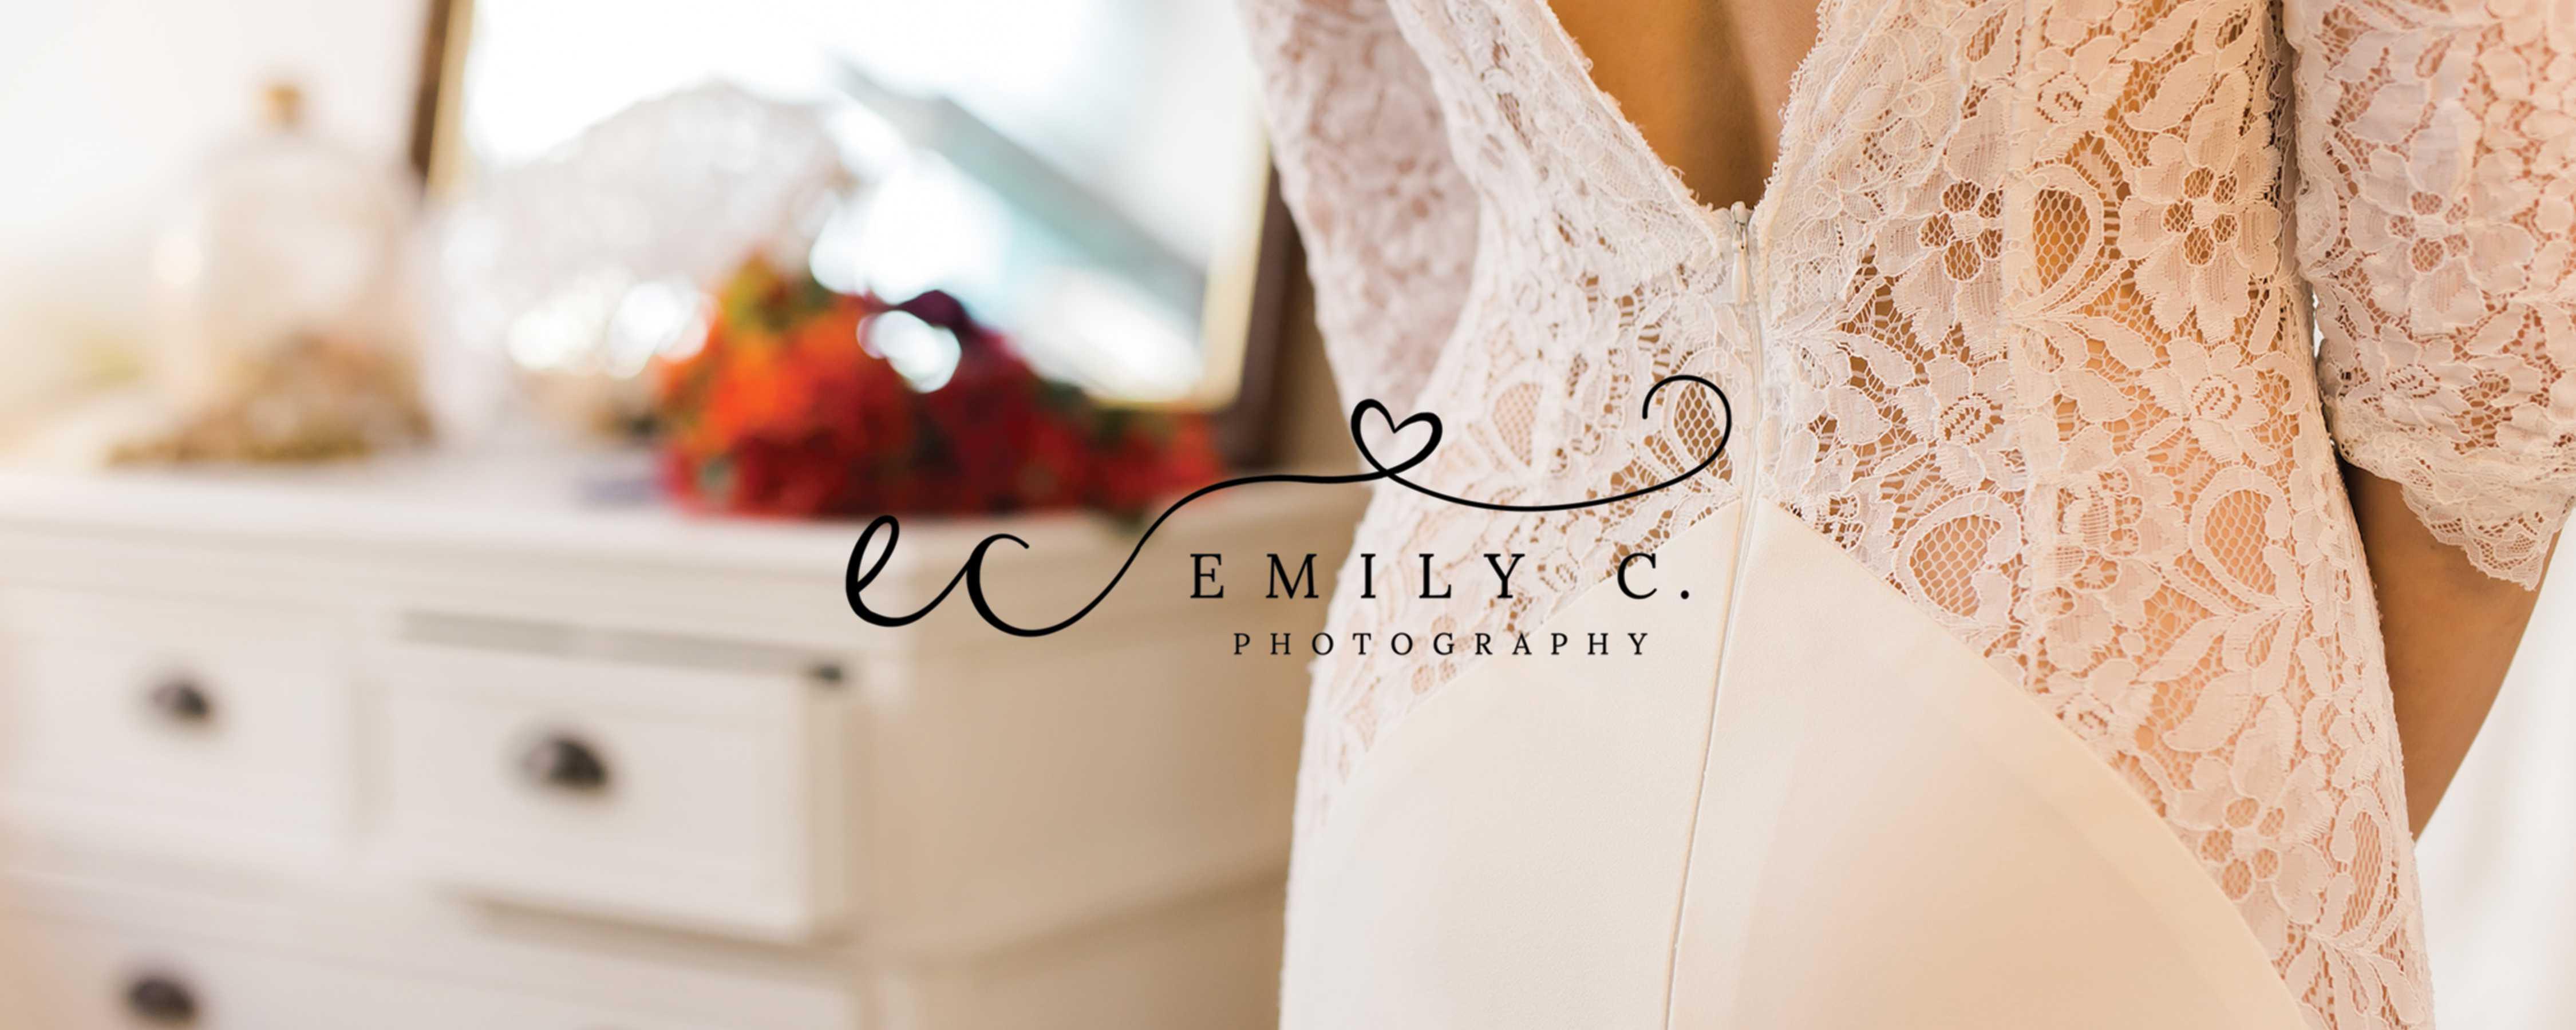 Emily C. Photography chez Gisèle & Simone, 21 Juin 2019